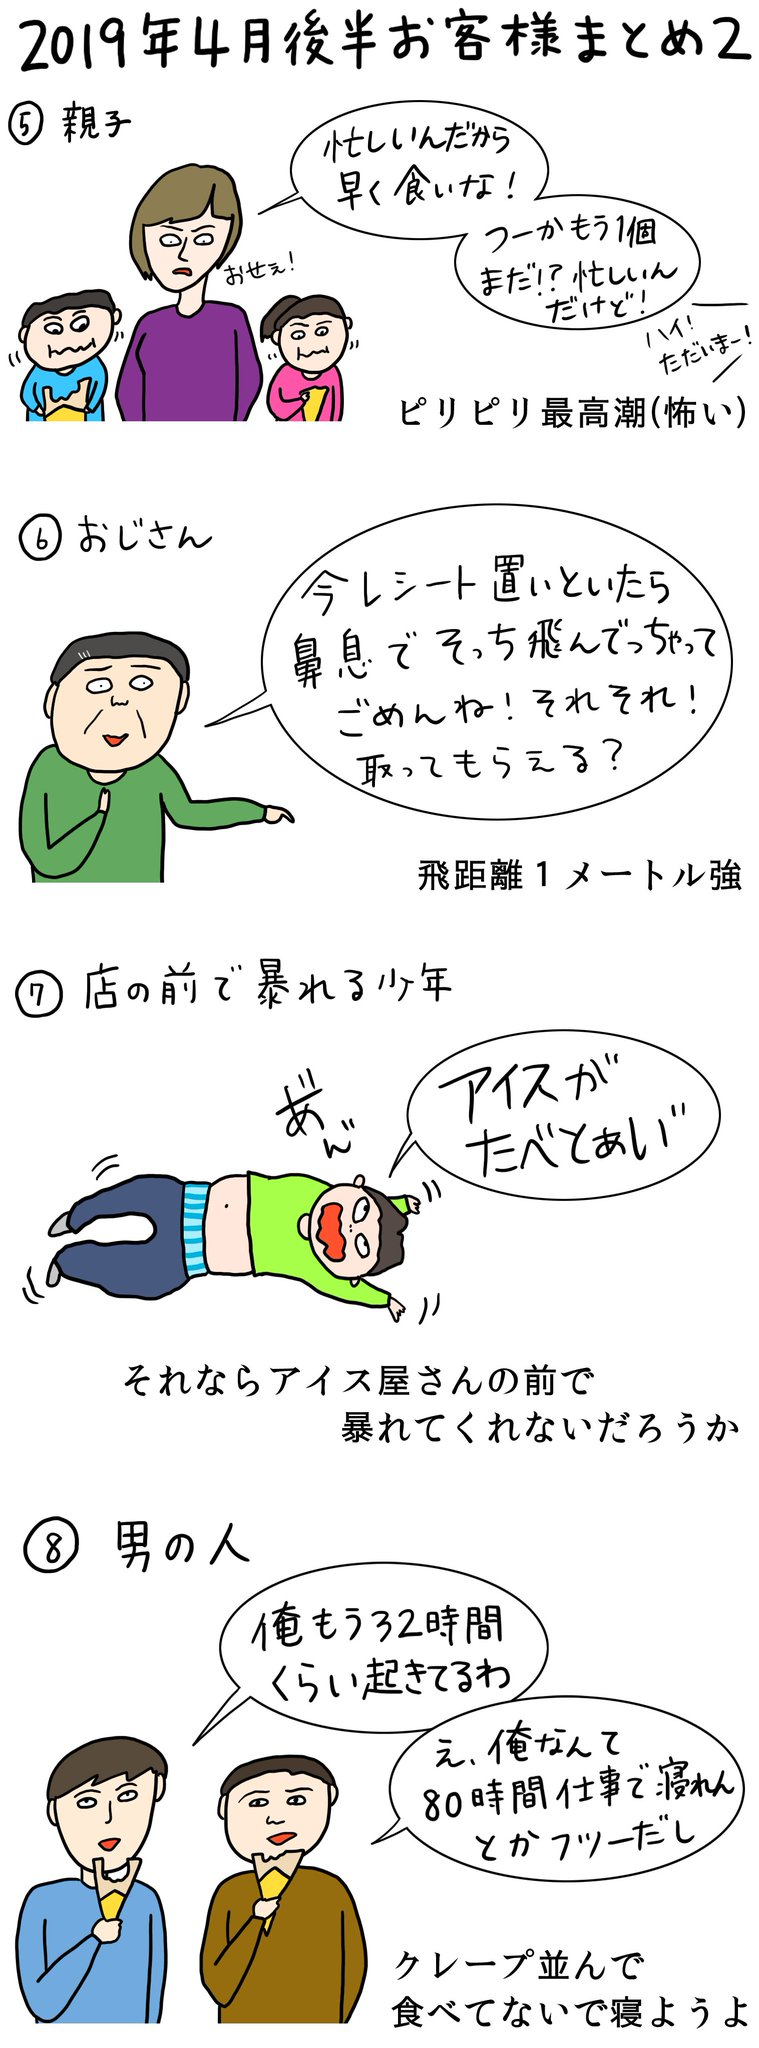 クレープ屋さんで働いていたら出会う愉快なお客様たちwww日本は平和だなwww